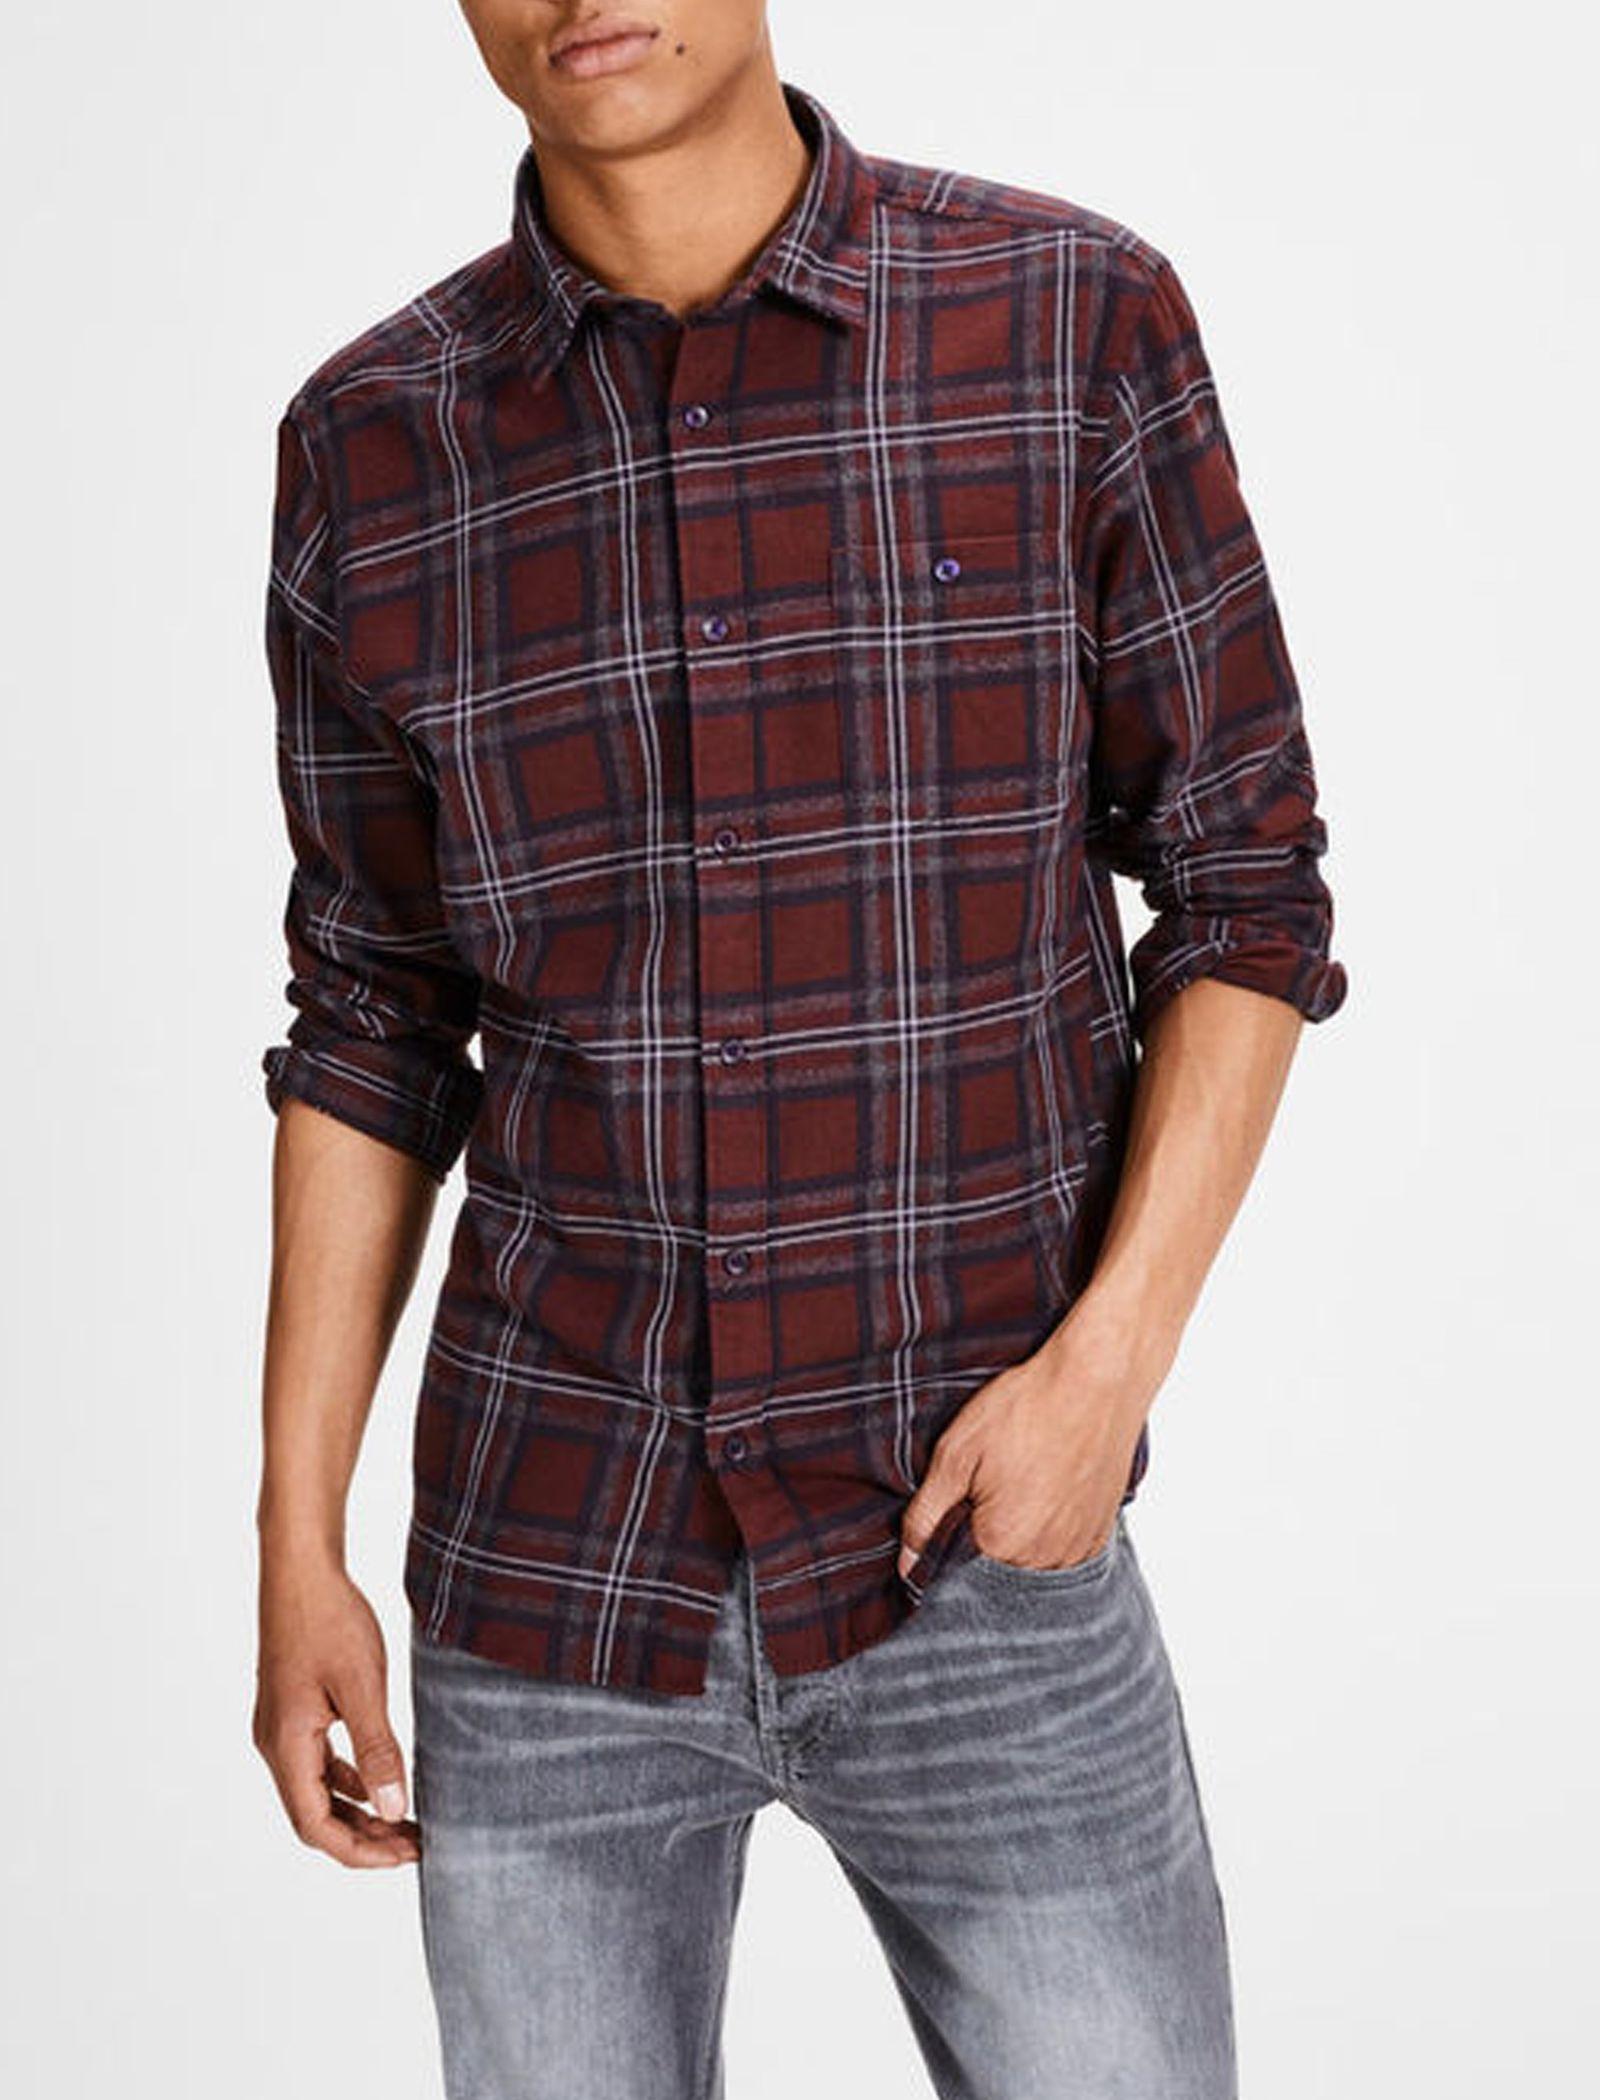 پیراهن نخی آستین بلند مردانه - جک اند جونز - زرشکي - 3